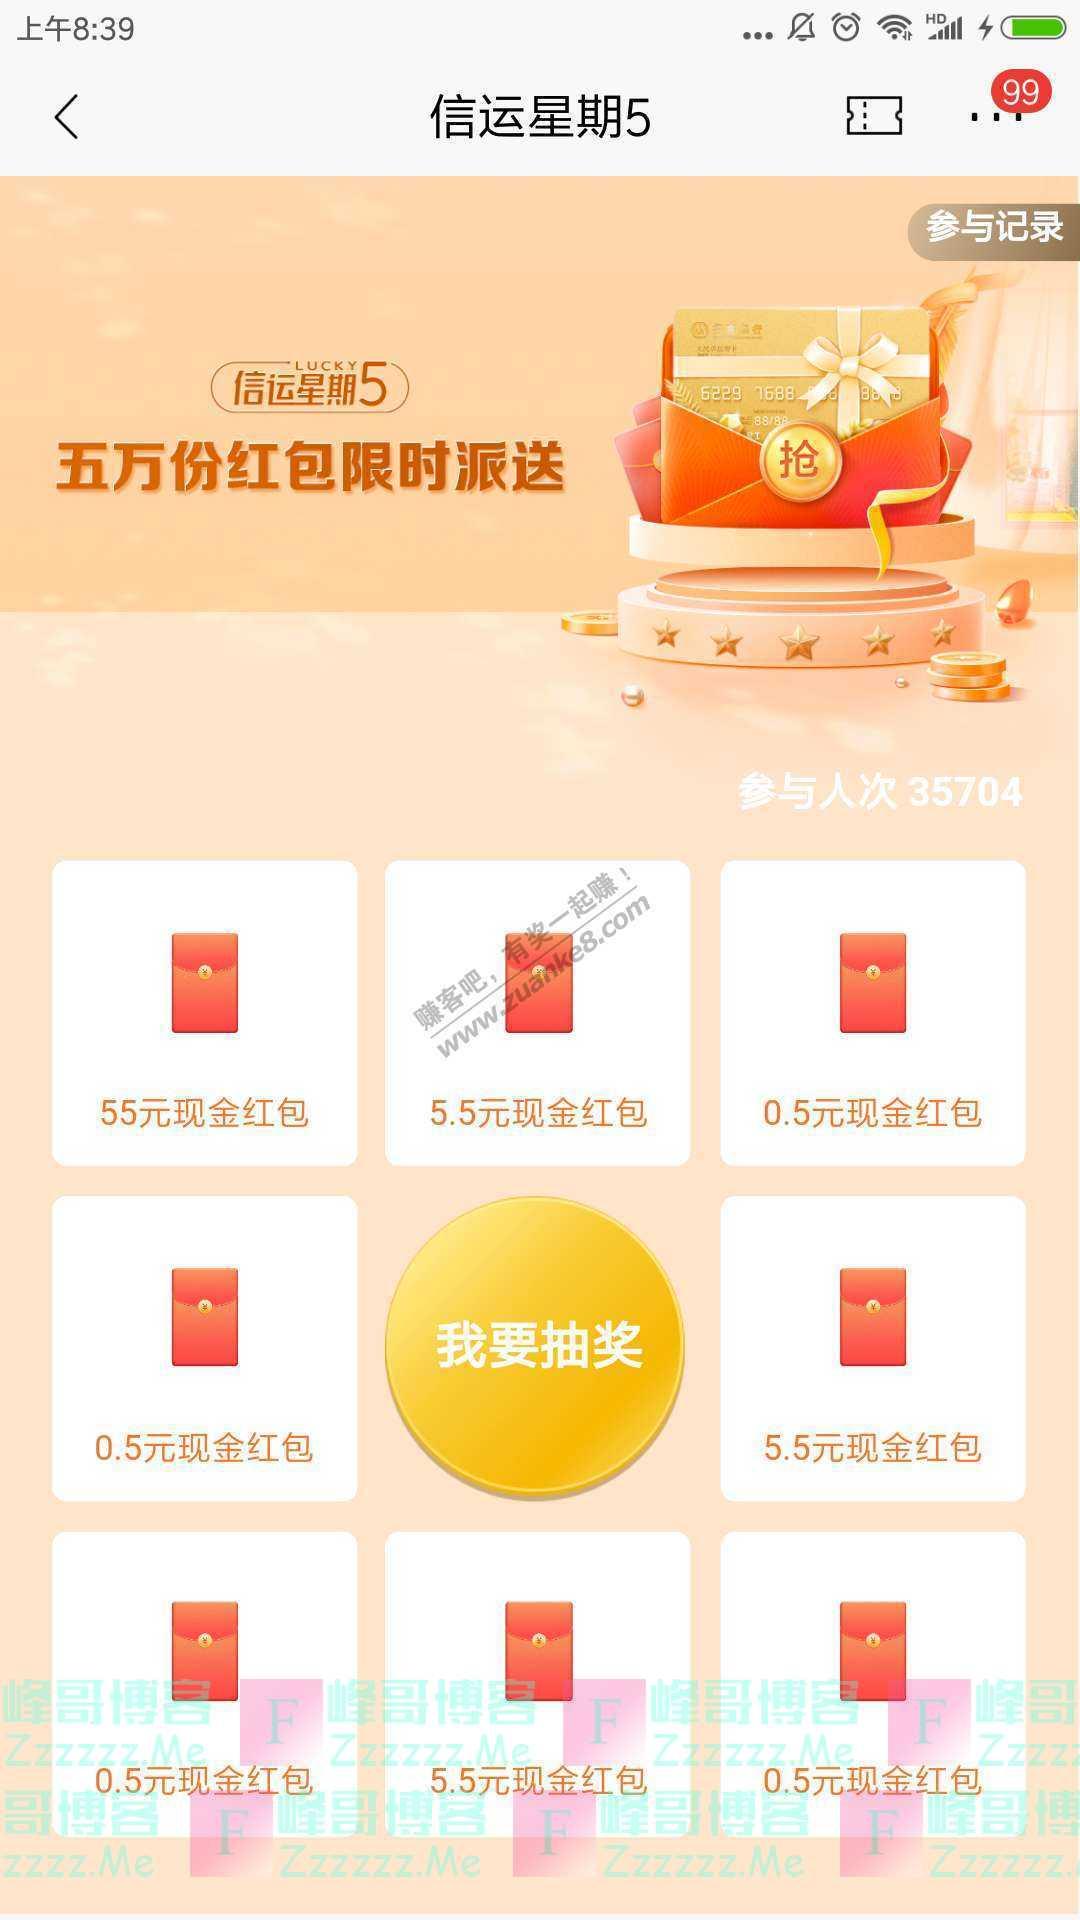 招商银行app信运星期5(截止10月16日)